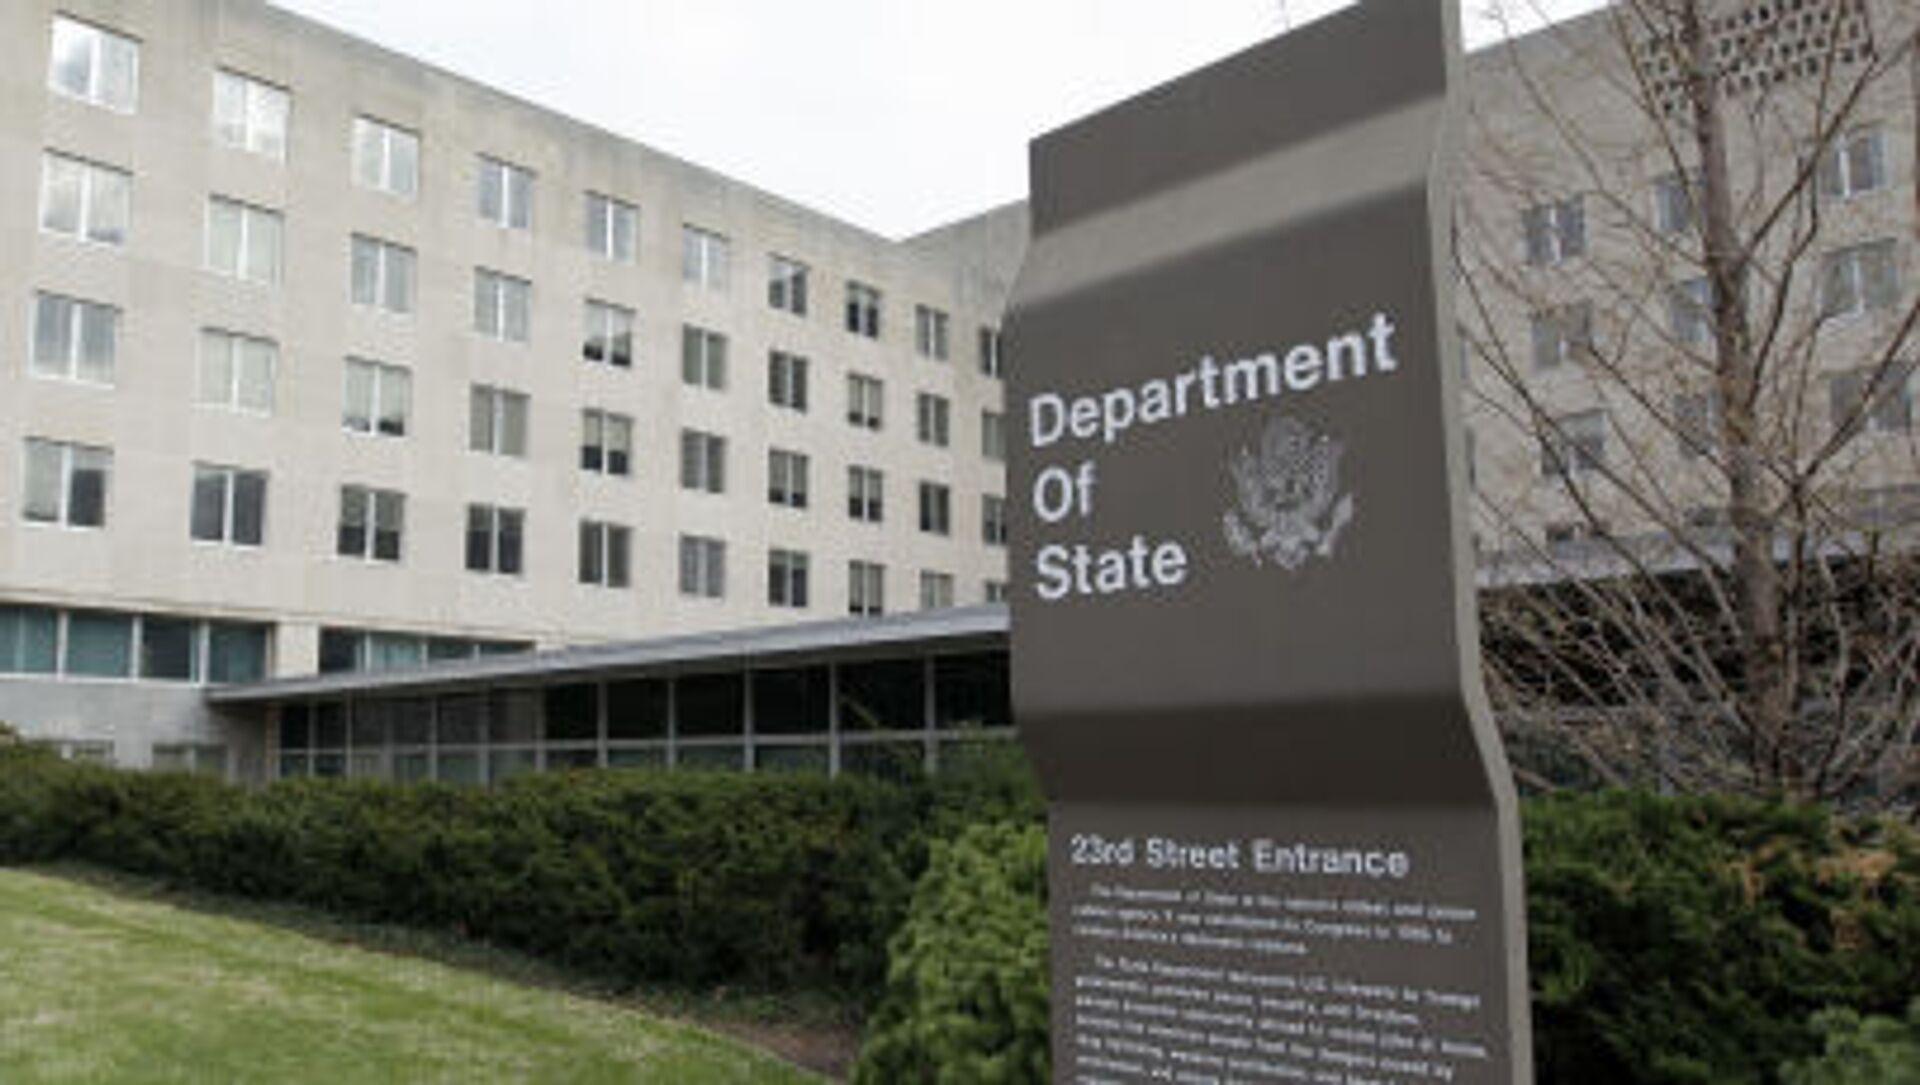 Budova amerického ministerstva zahraničí ve Washingtonu - Sputnik Česká republika, 1920, 04.03.2021